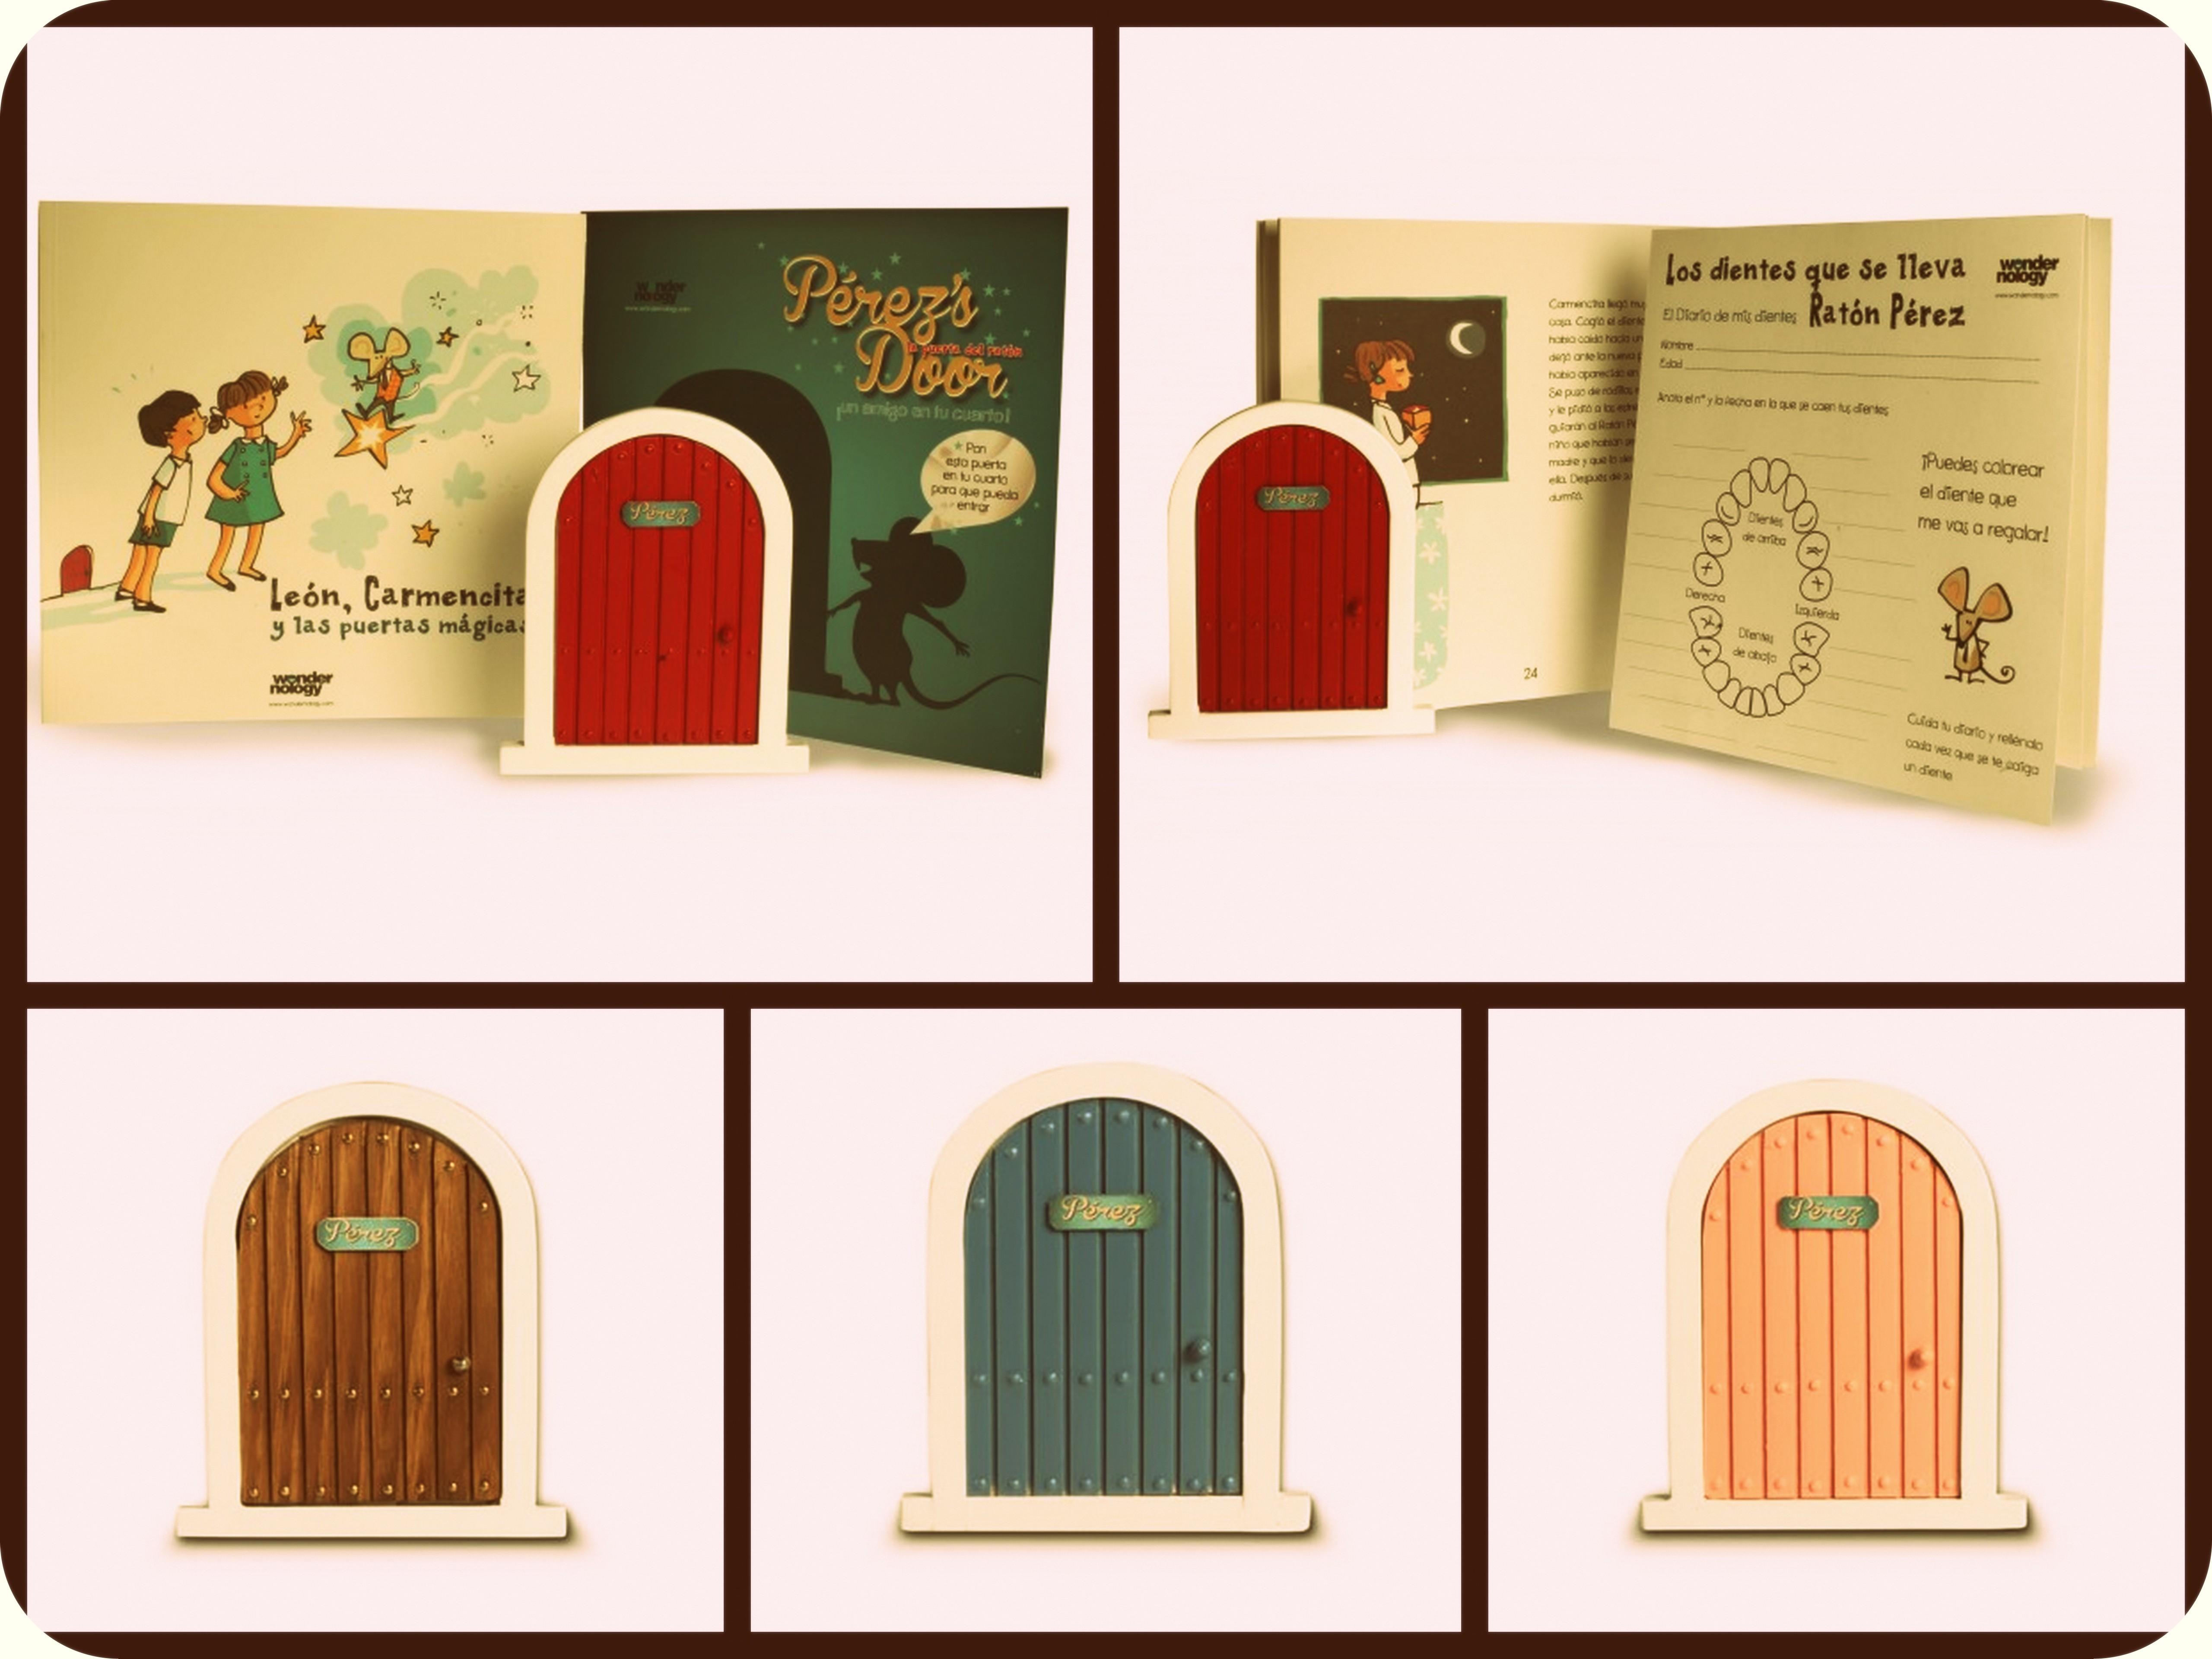 Perez s door hay una cosa que te quiero contar for Puerta ingles